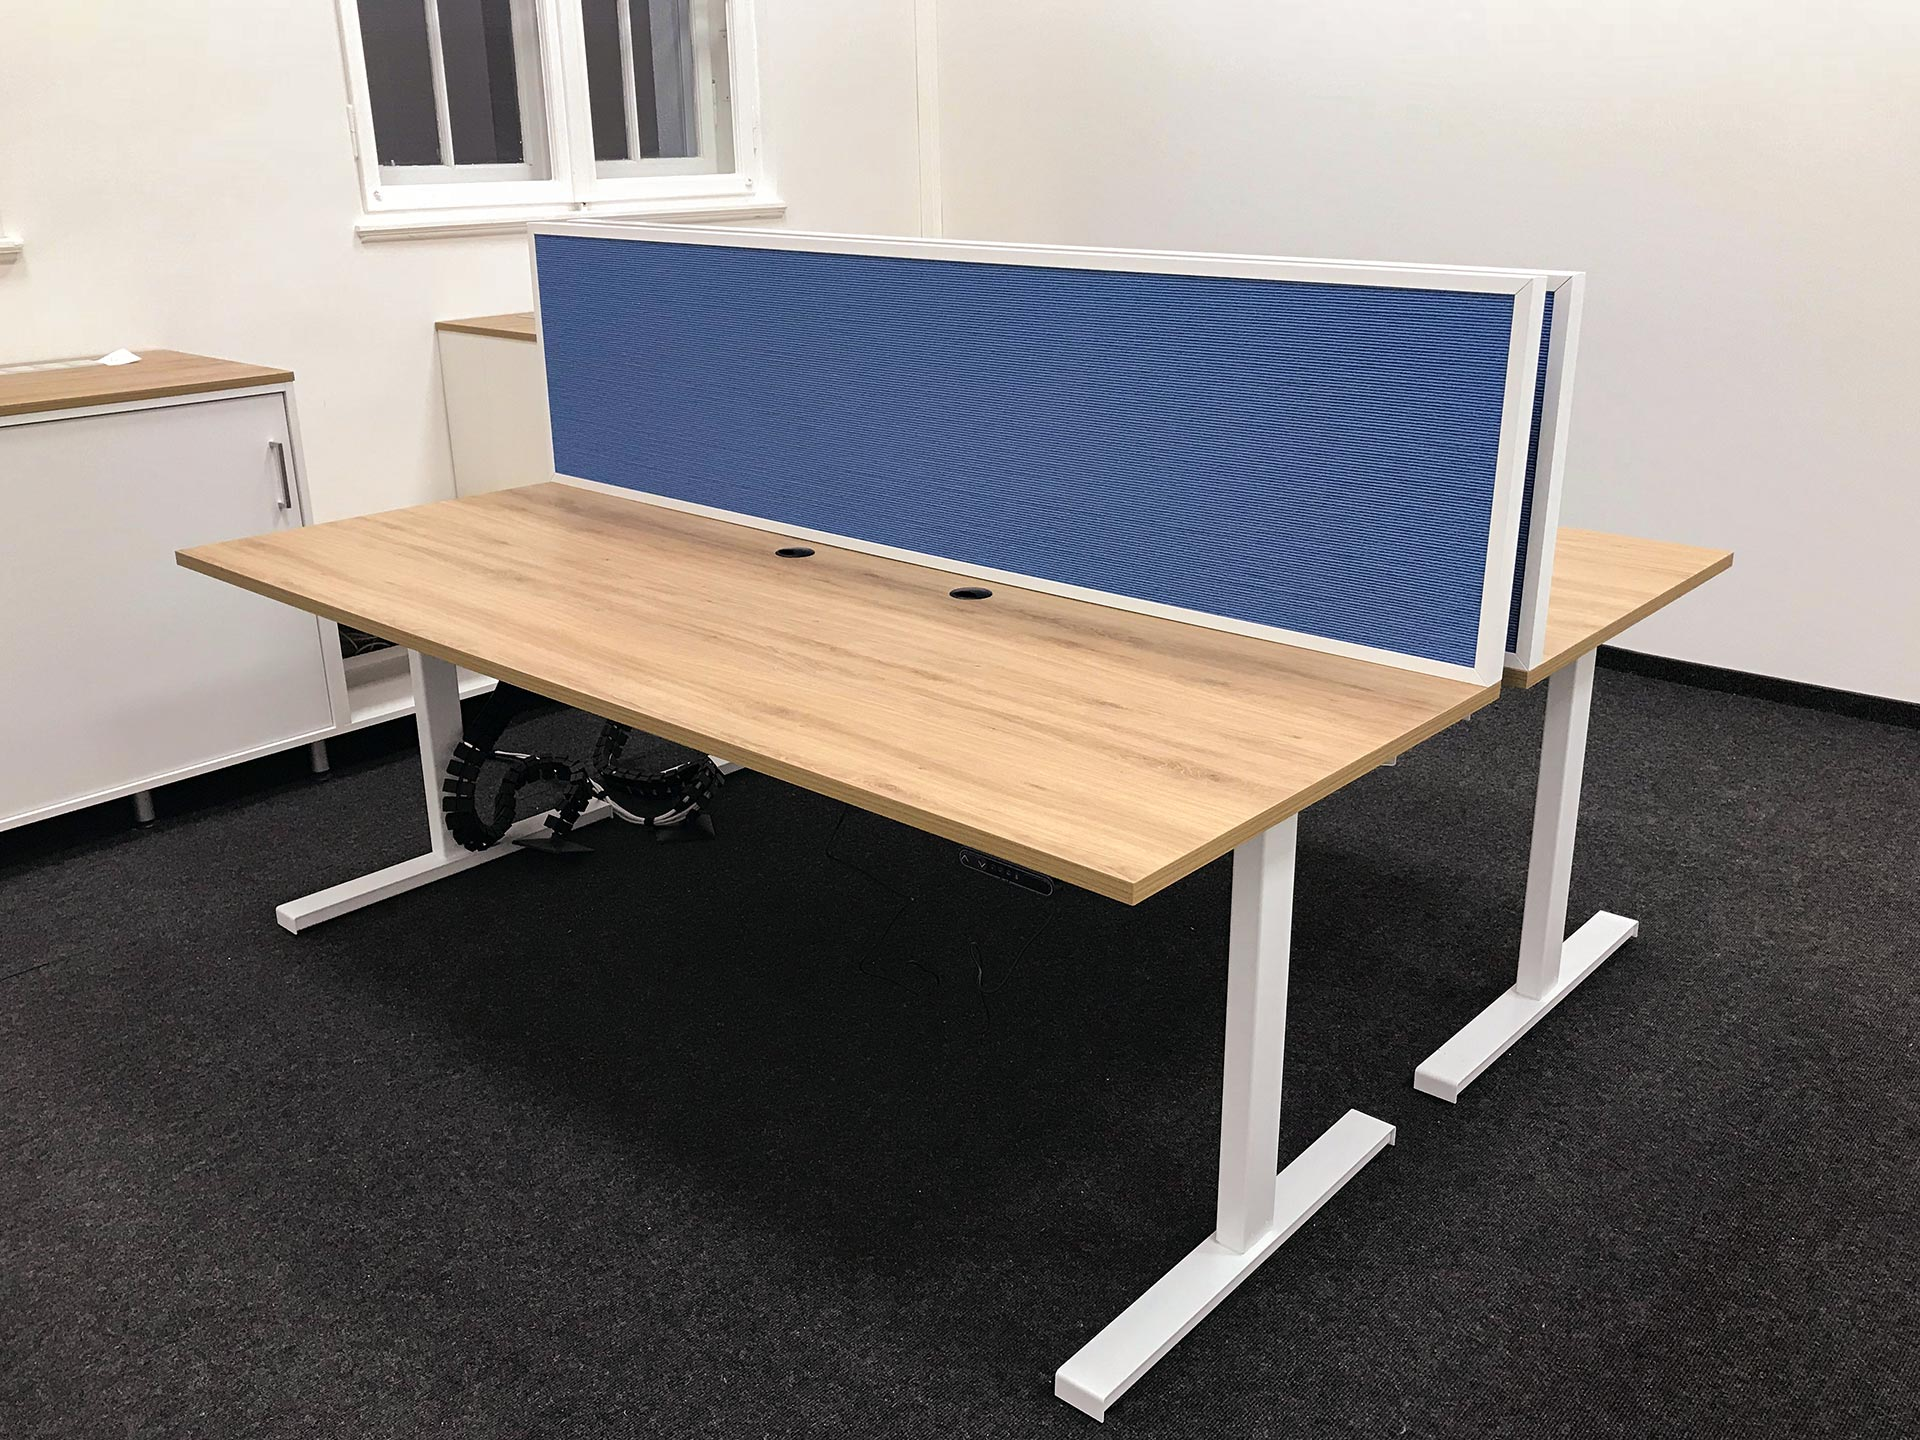 Die elektrisch höhenverstellbaren Schreibtische der Mitarbeiter werden durch blaue Akustikpaneele voneinander abgeschirmt